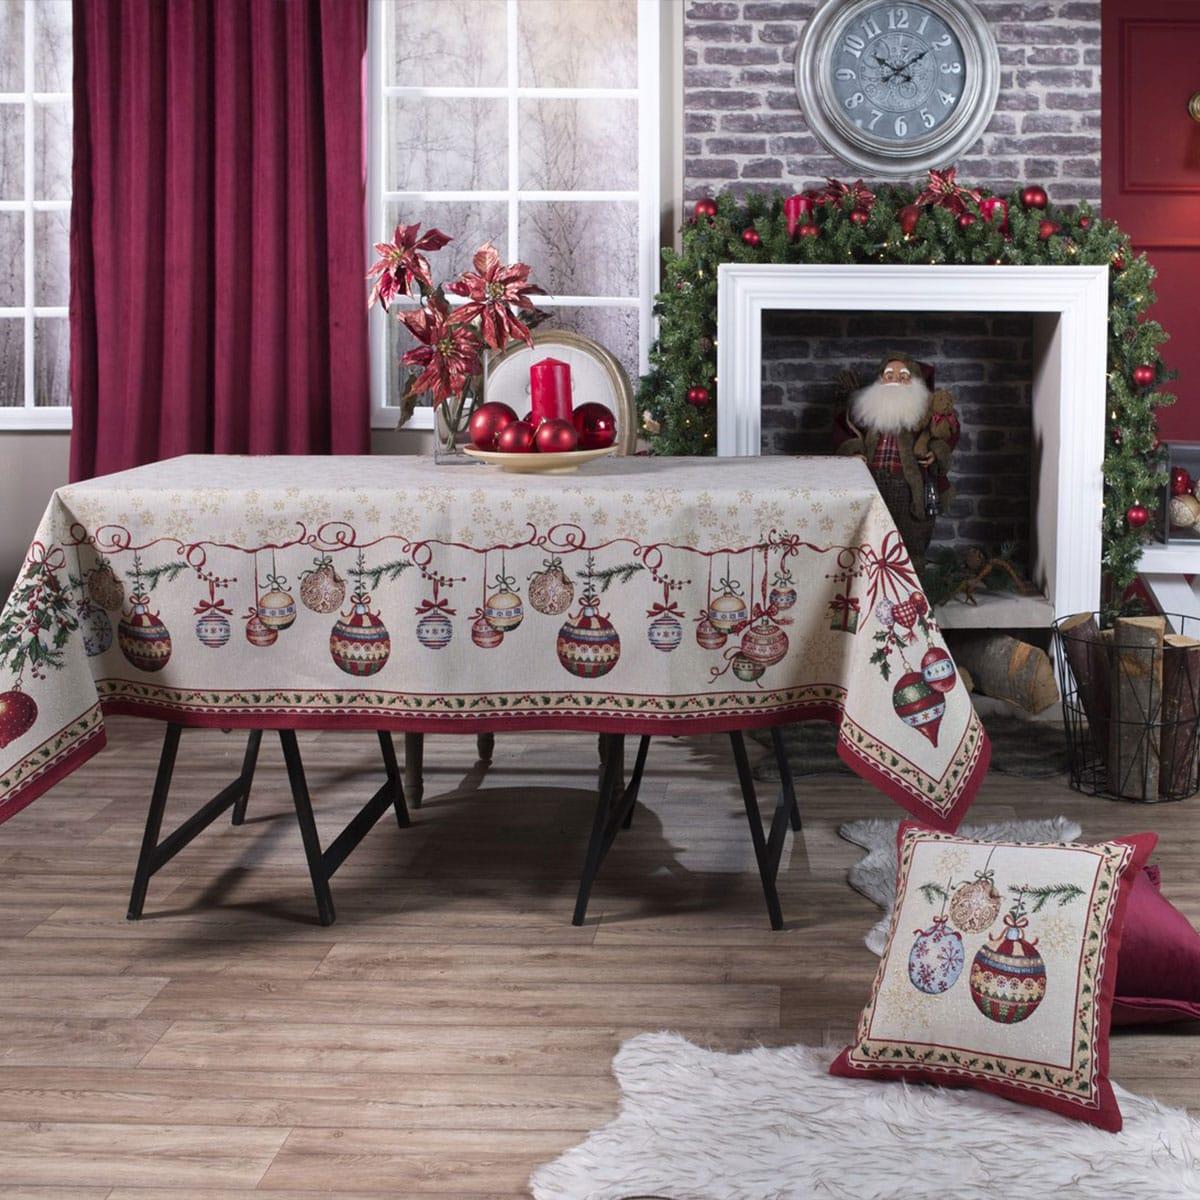 Τραπεζομάντηλο Χριστουγεννιάτικο Noel Multi Teoran 150X200 140x180cm